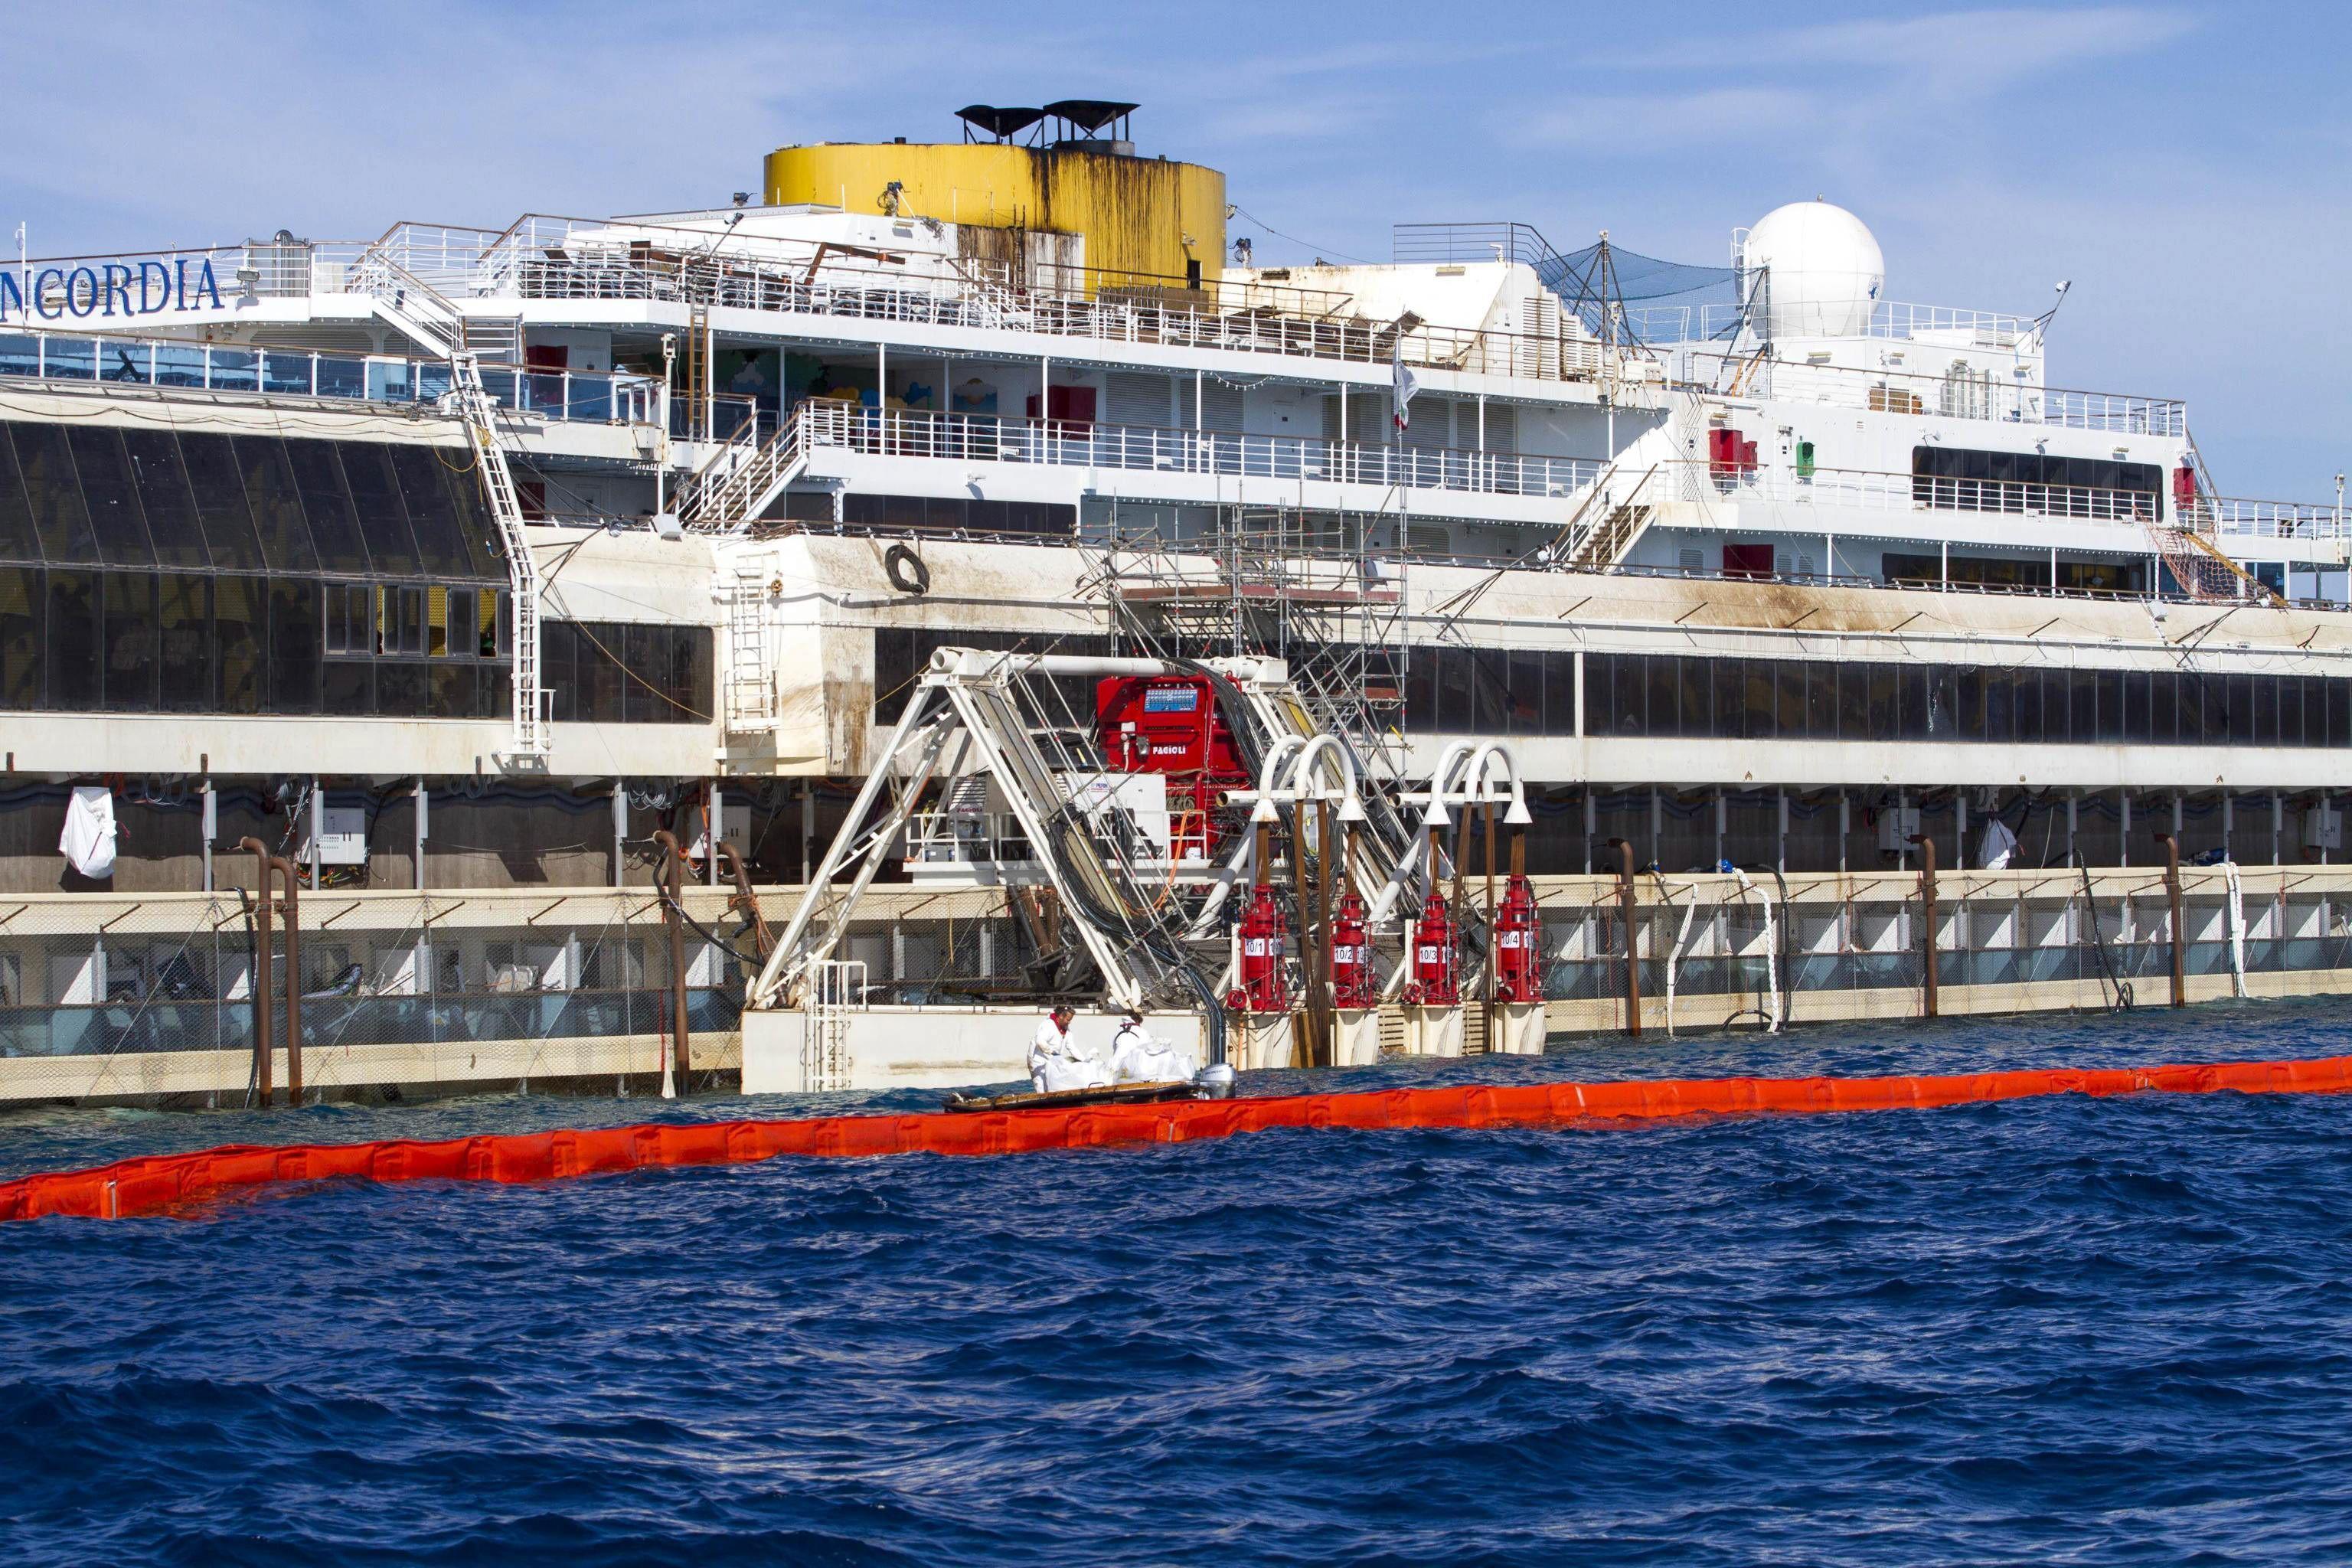 El capitán del Costa Concordia culpa al timonel del accidente